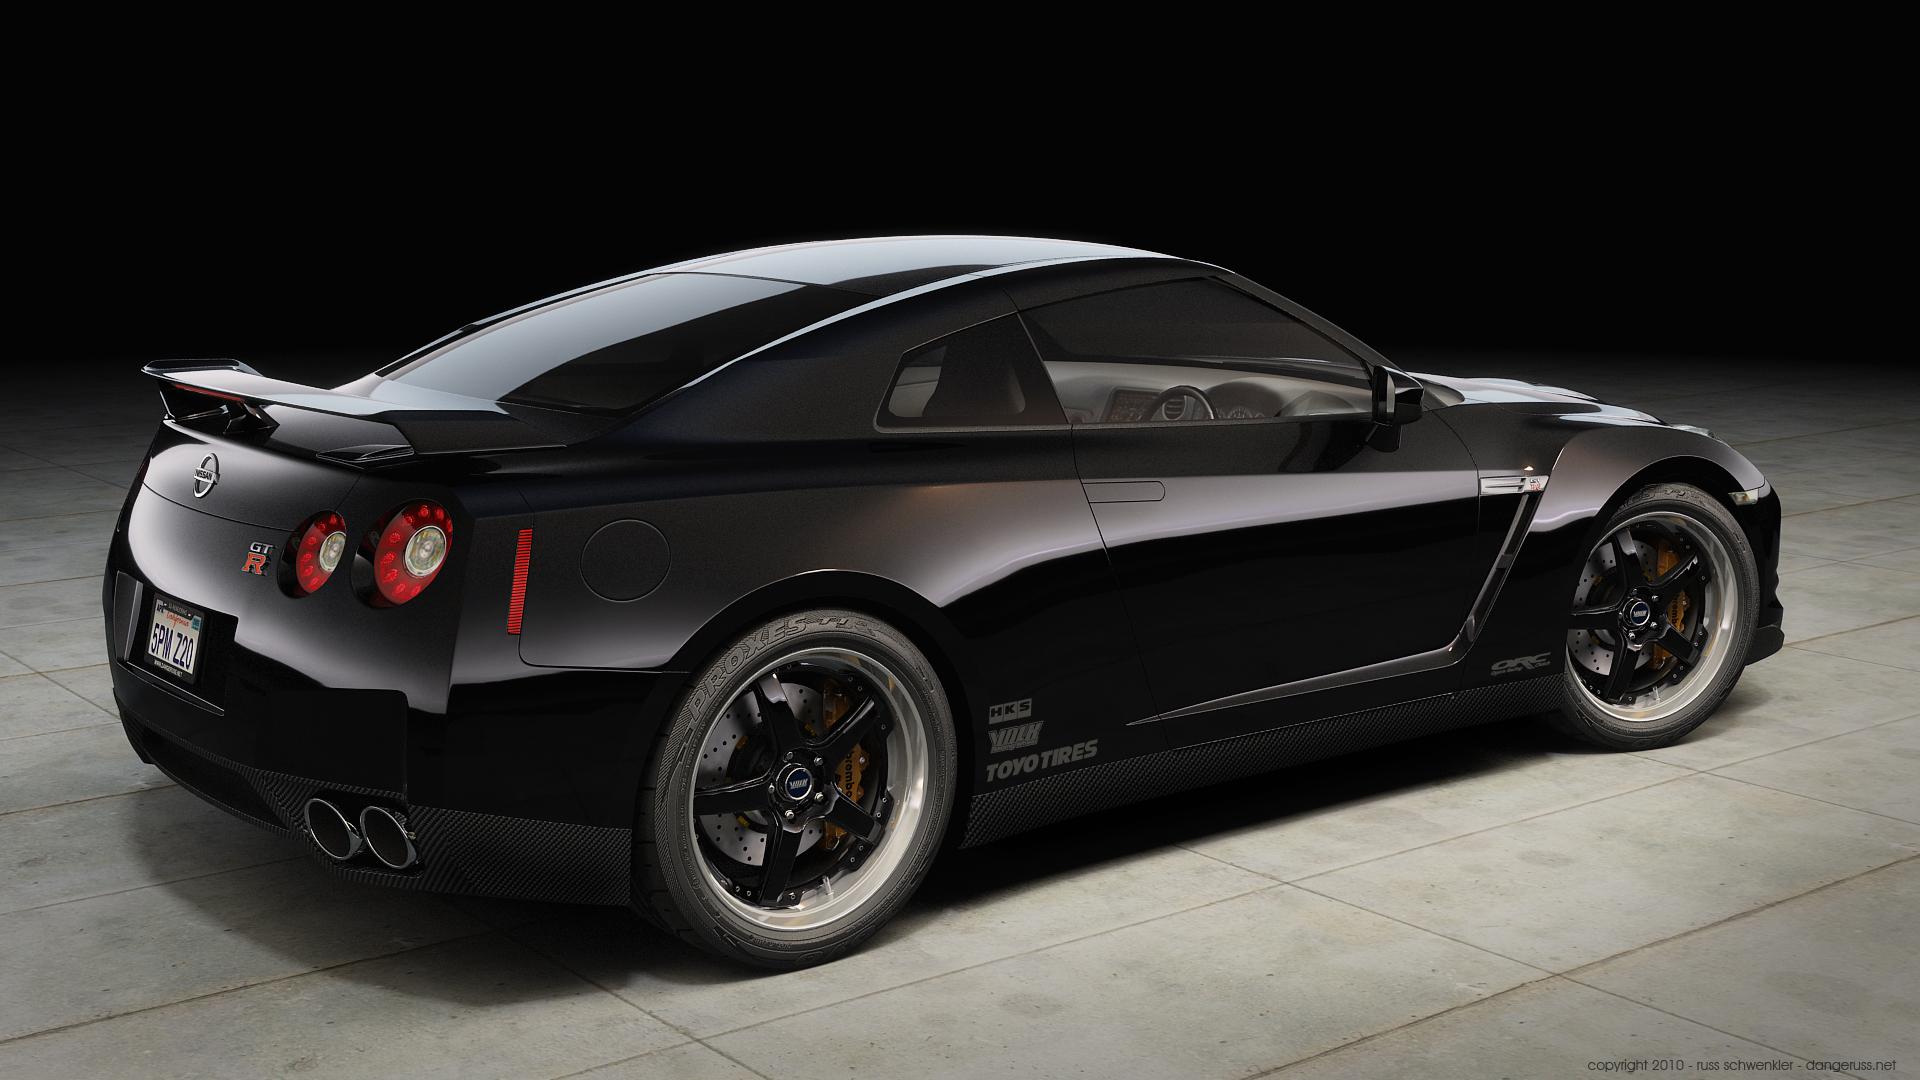 GTR in Black by  dangeruss on HD Wallpaper